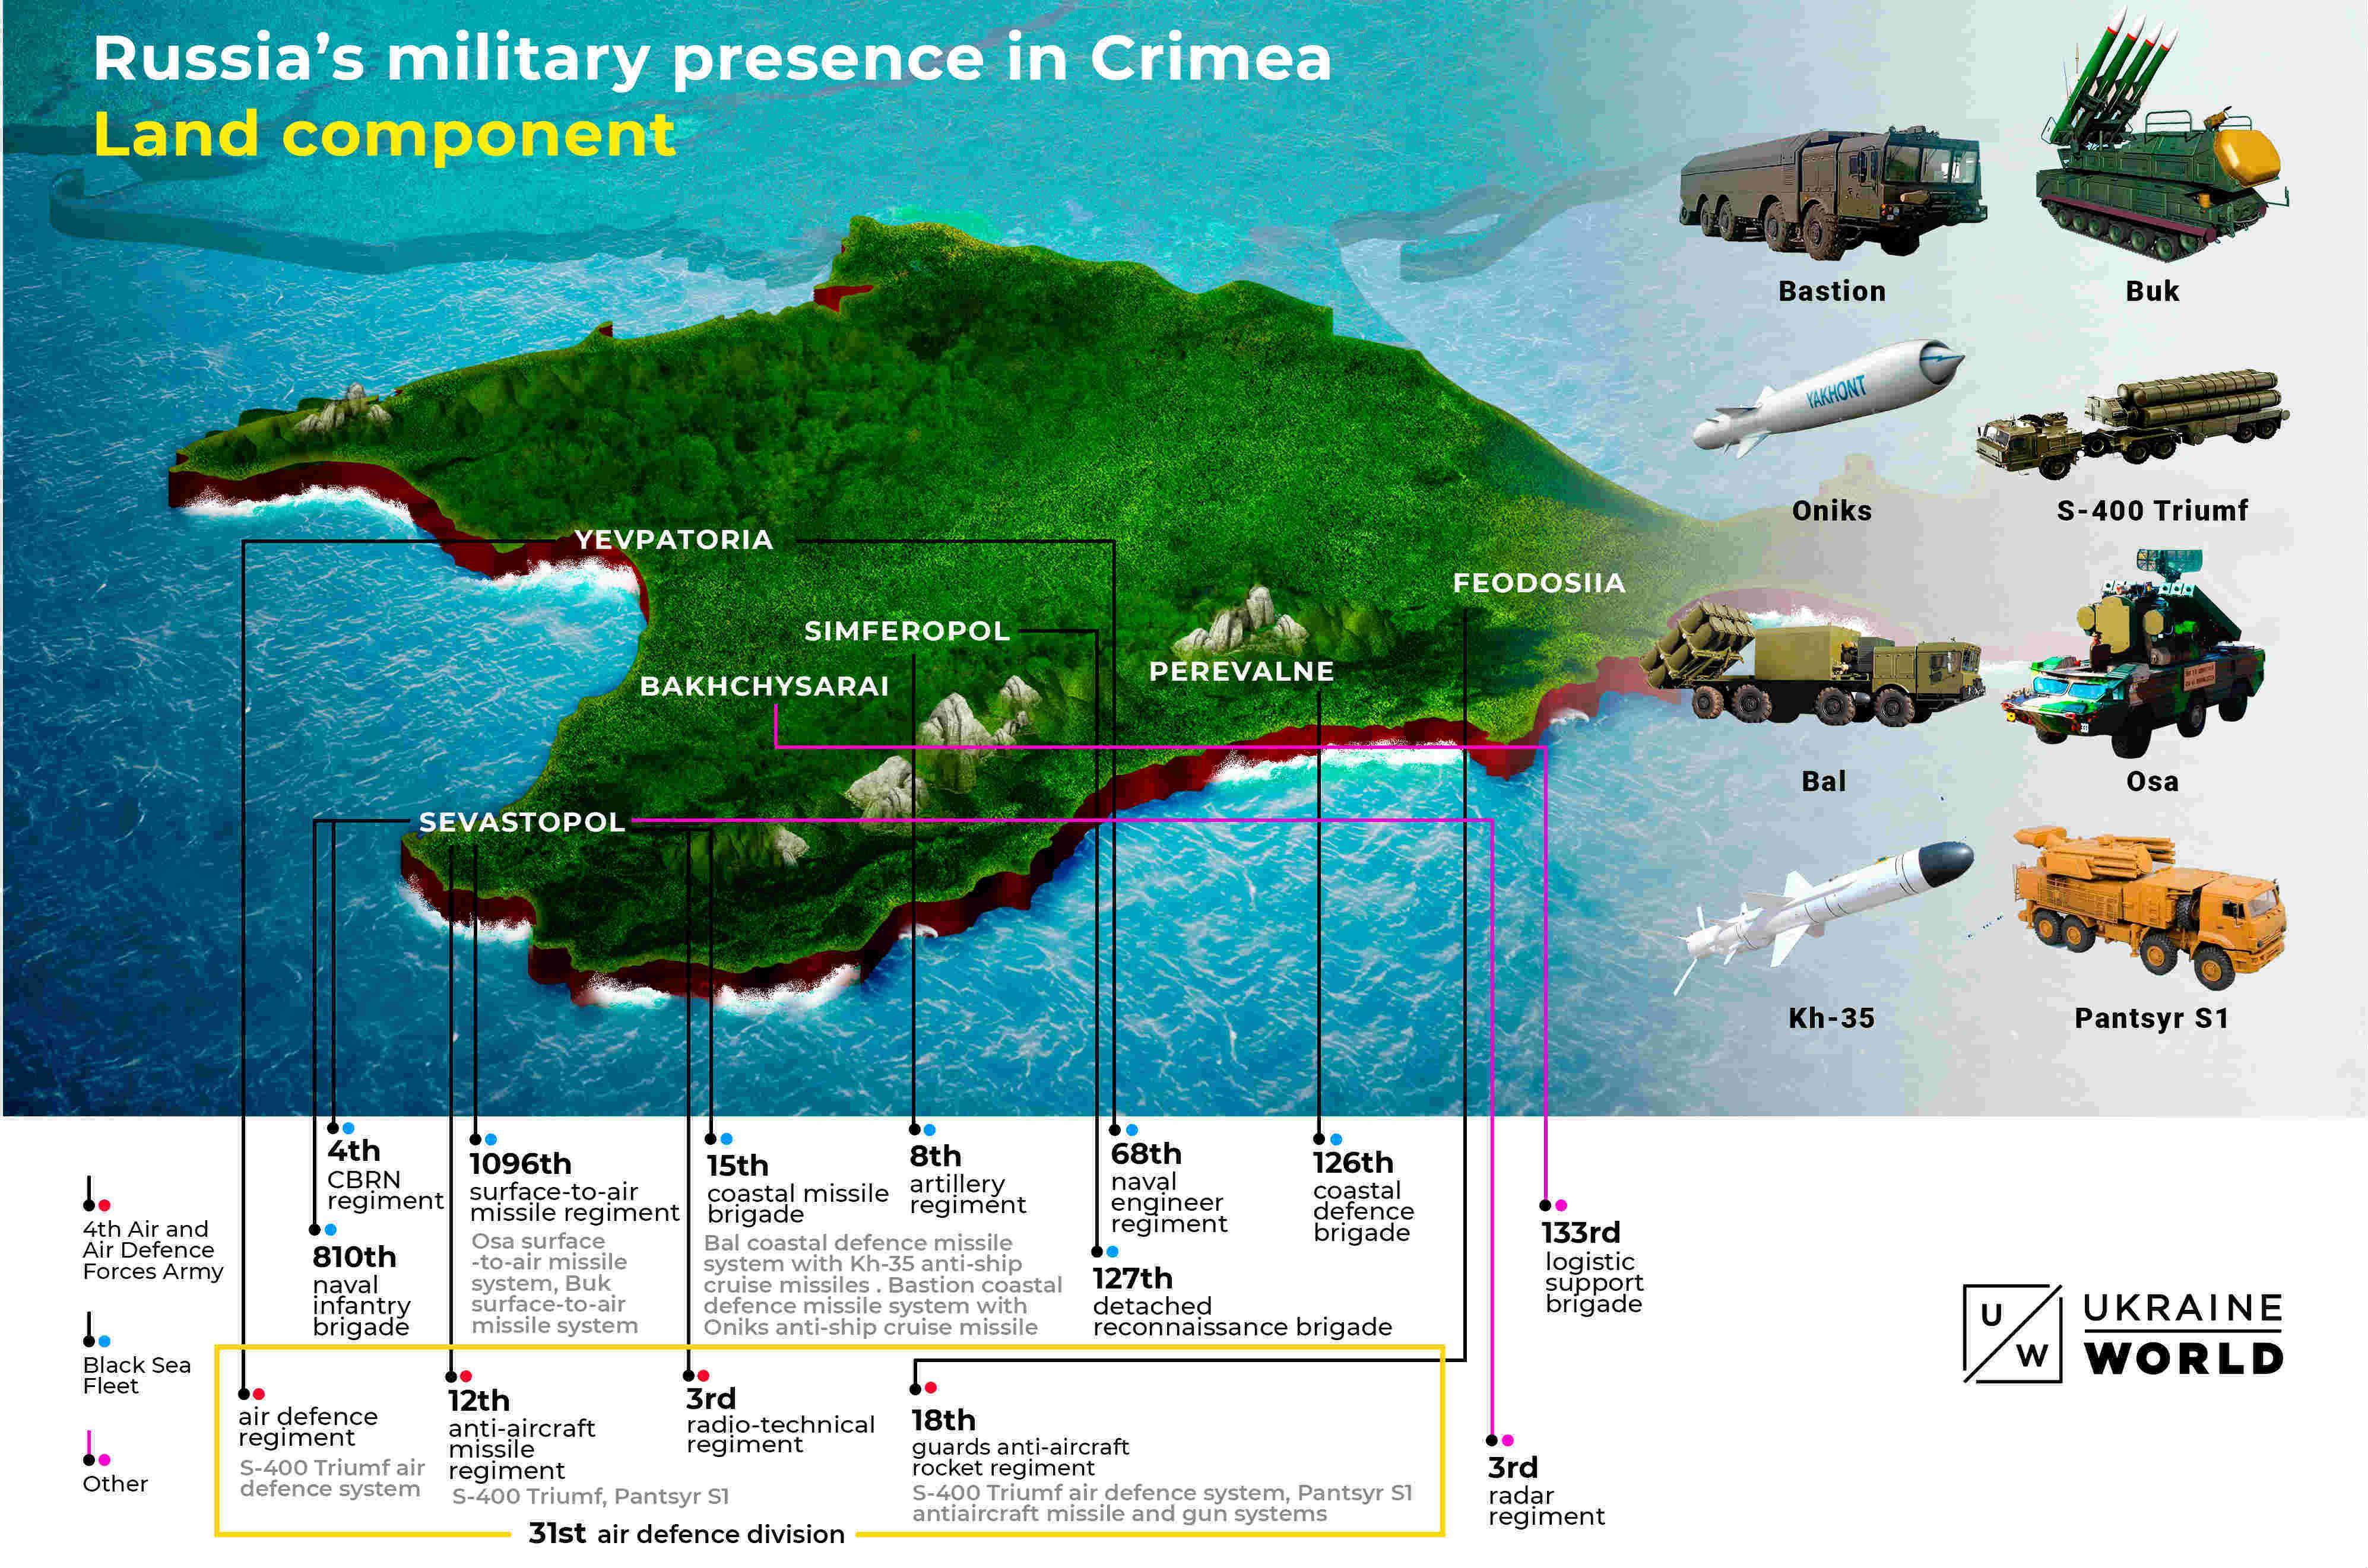 Dieta militar rusa